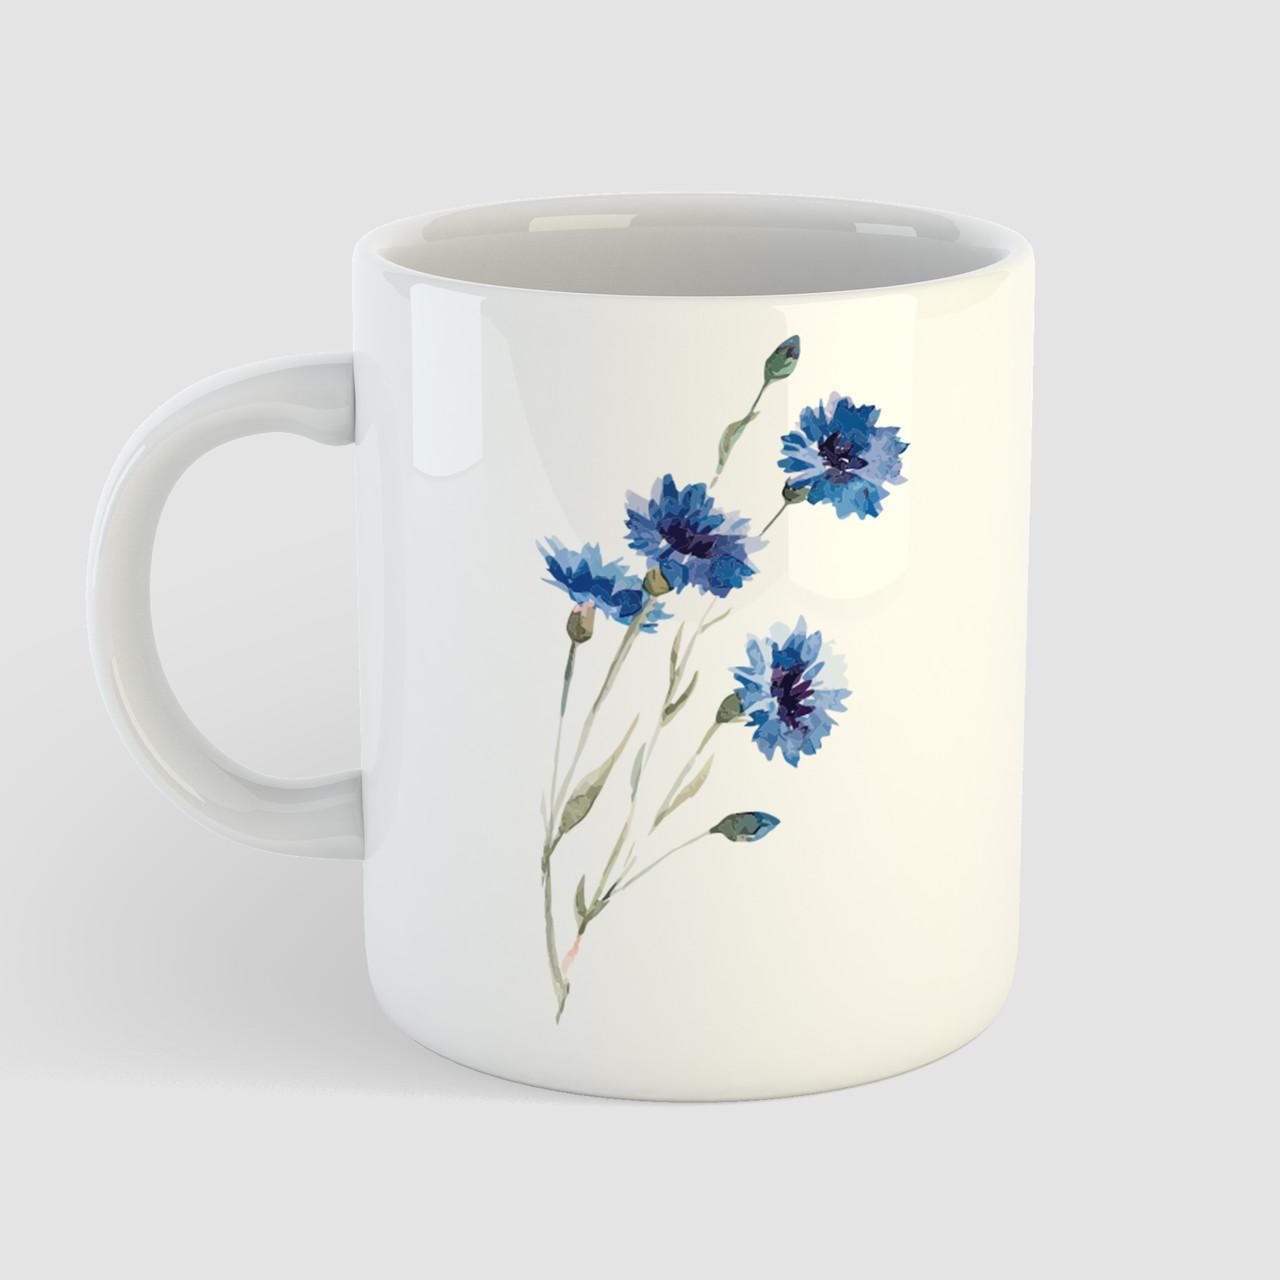 Кружка с принтом Синие Цветы. Растения. Чашка с фото